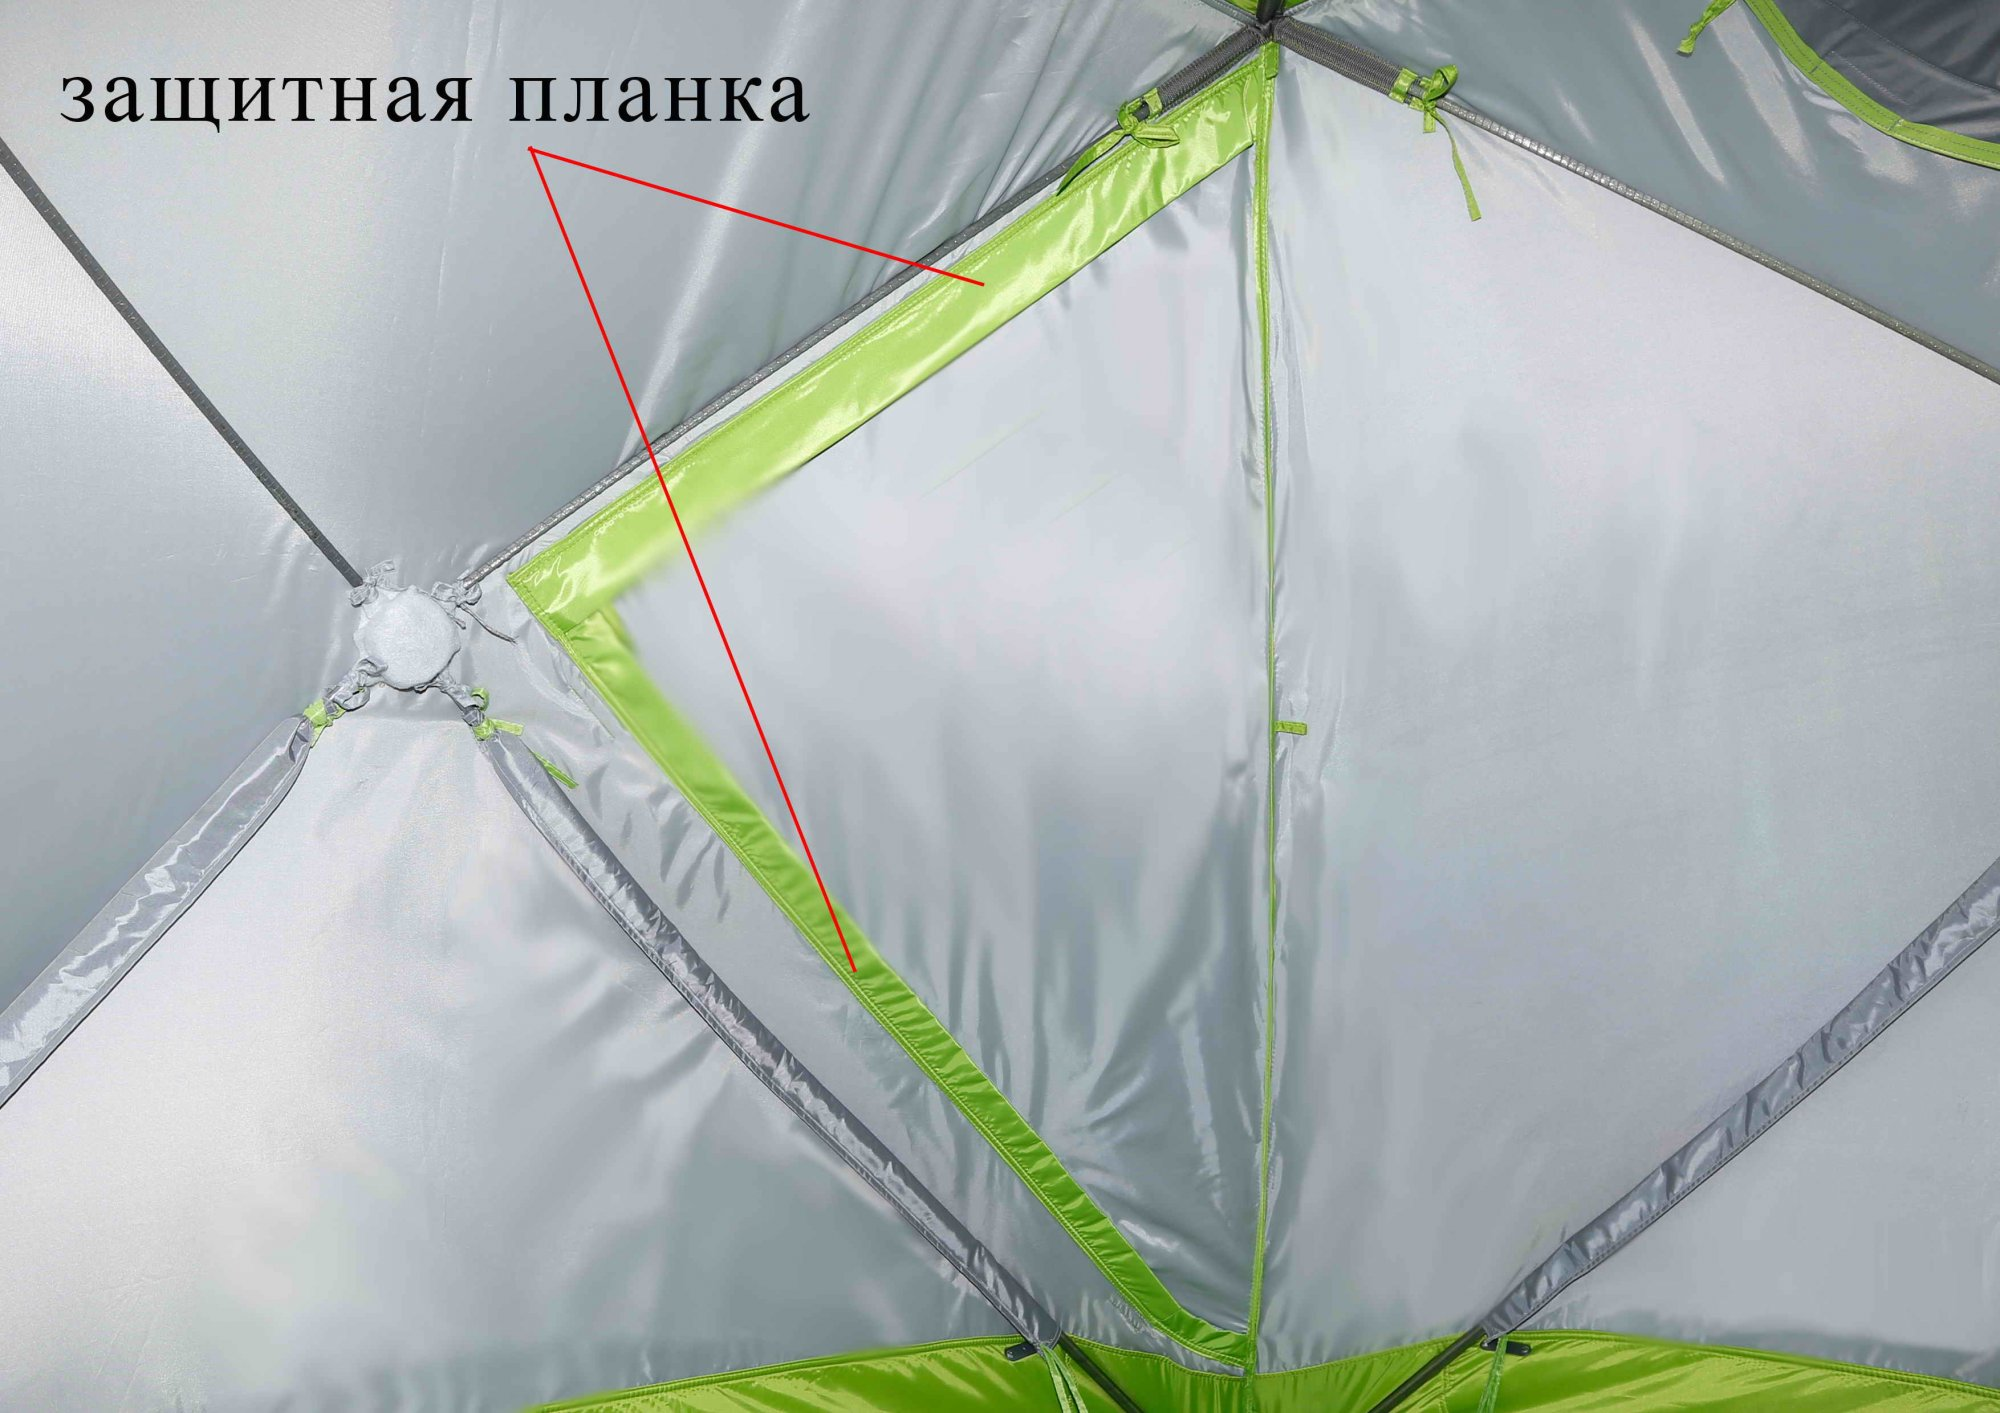 оборудование палатки